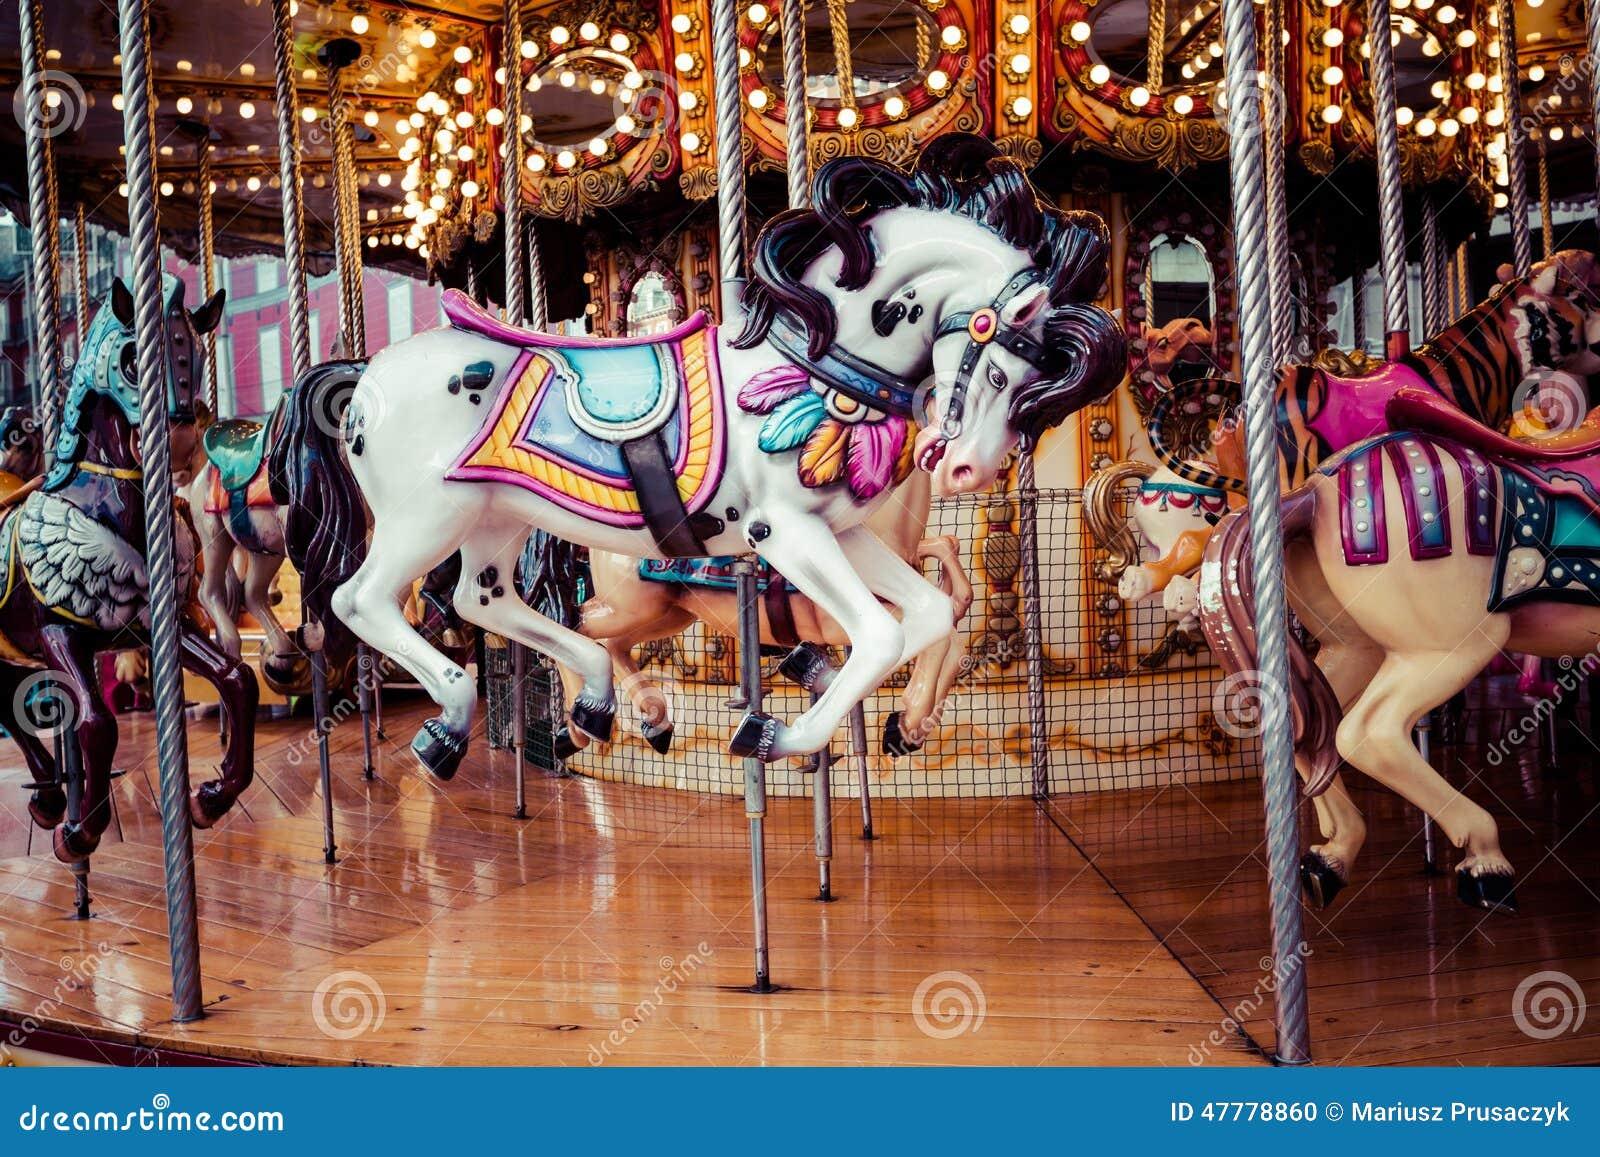 Oude Franse carrousel in een vakantiepark Drie paarden en vliegtuig op een traditionele kermisterrein uitstekende carrousel Vroli